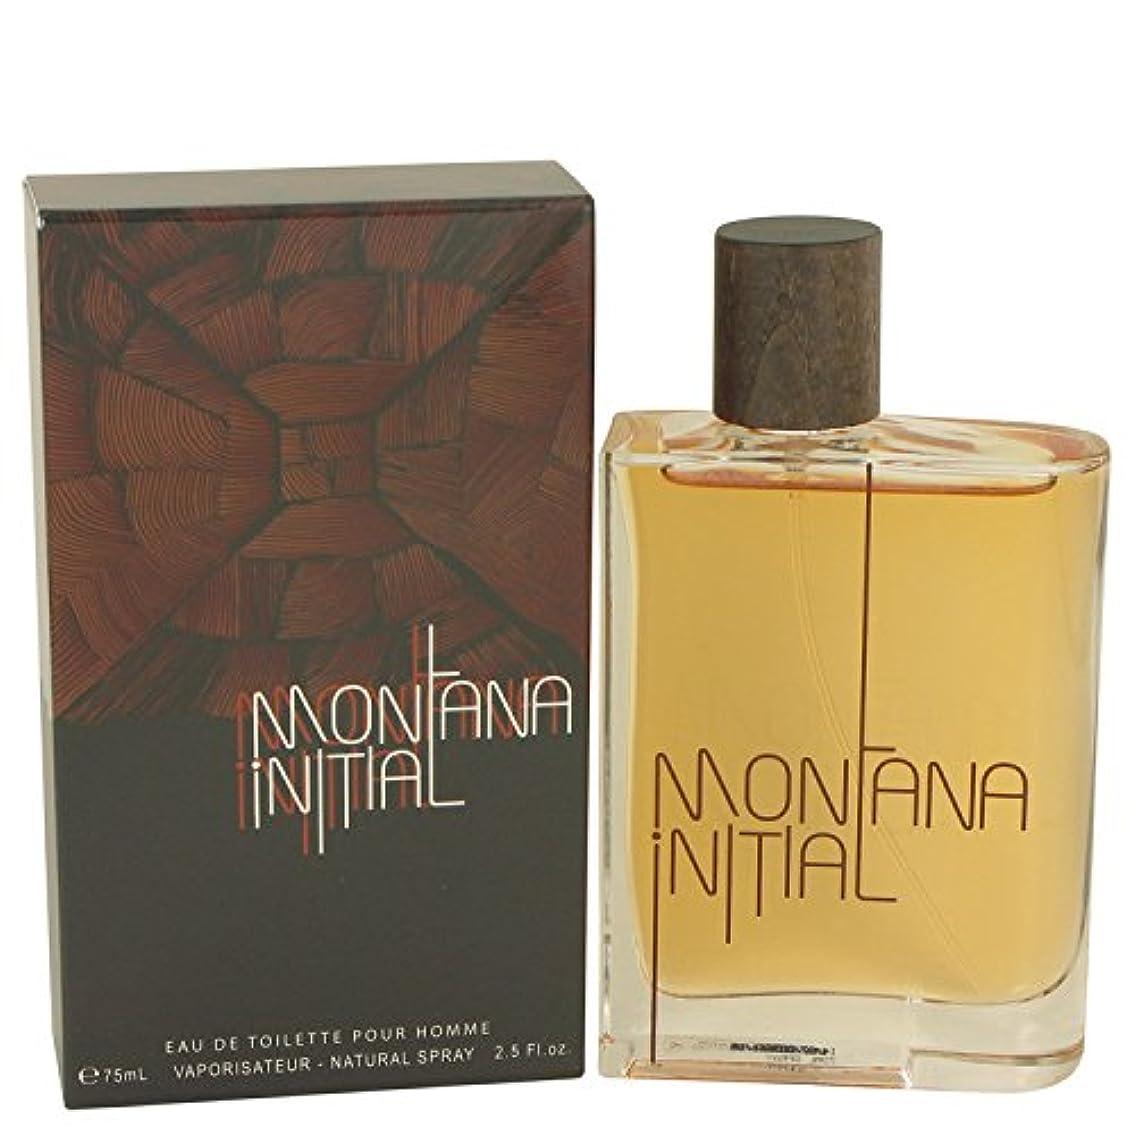 解体する漂流の中でMontana Initial by Montana Eau De Toilette Spray 2.5 oz